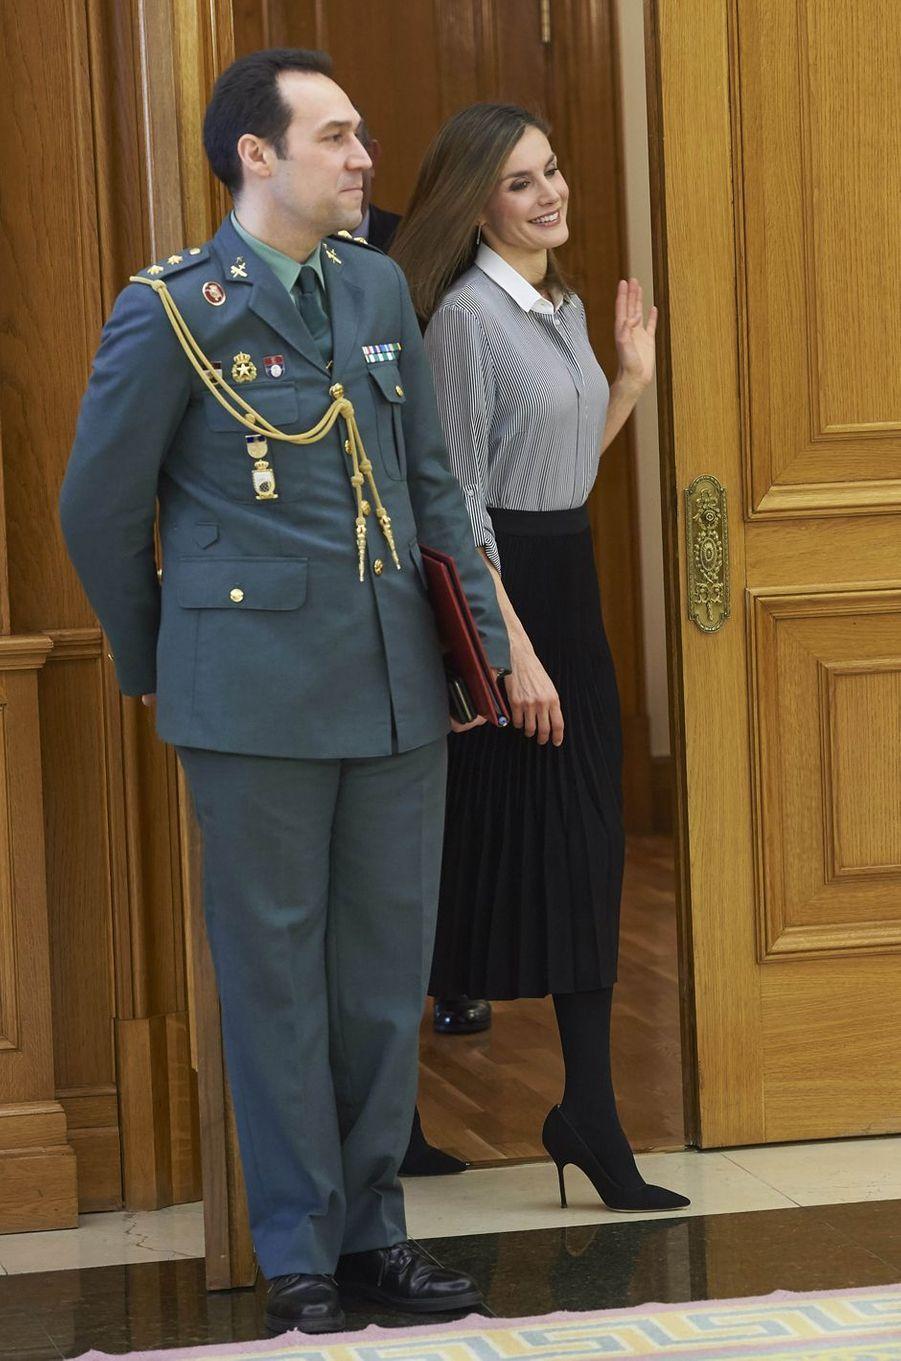 La reine Letizia d'Espagne au Palais de la Zarzuela à Madrid, le 15 février 2017